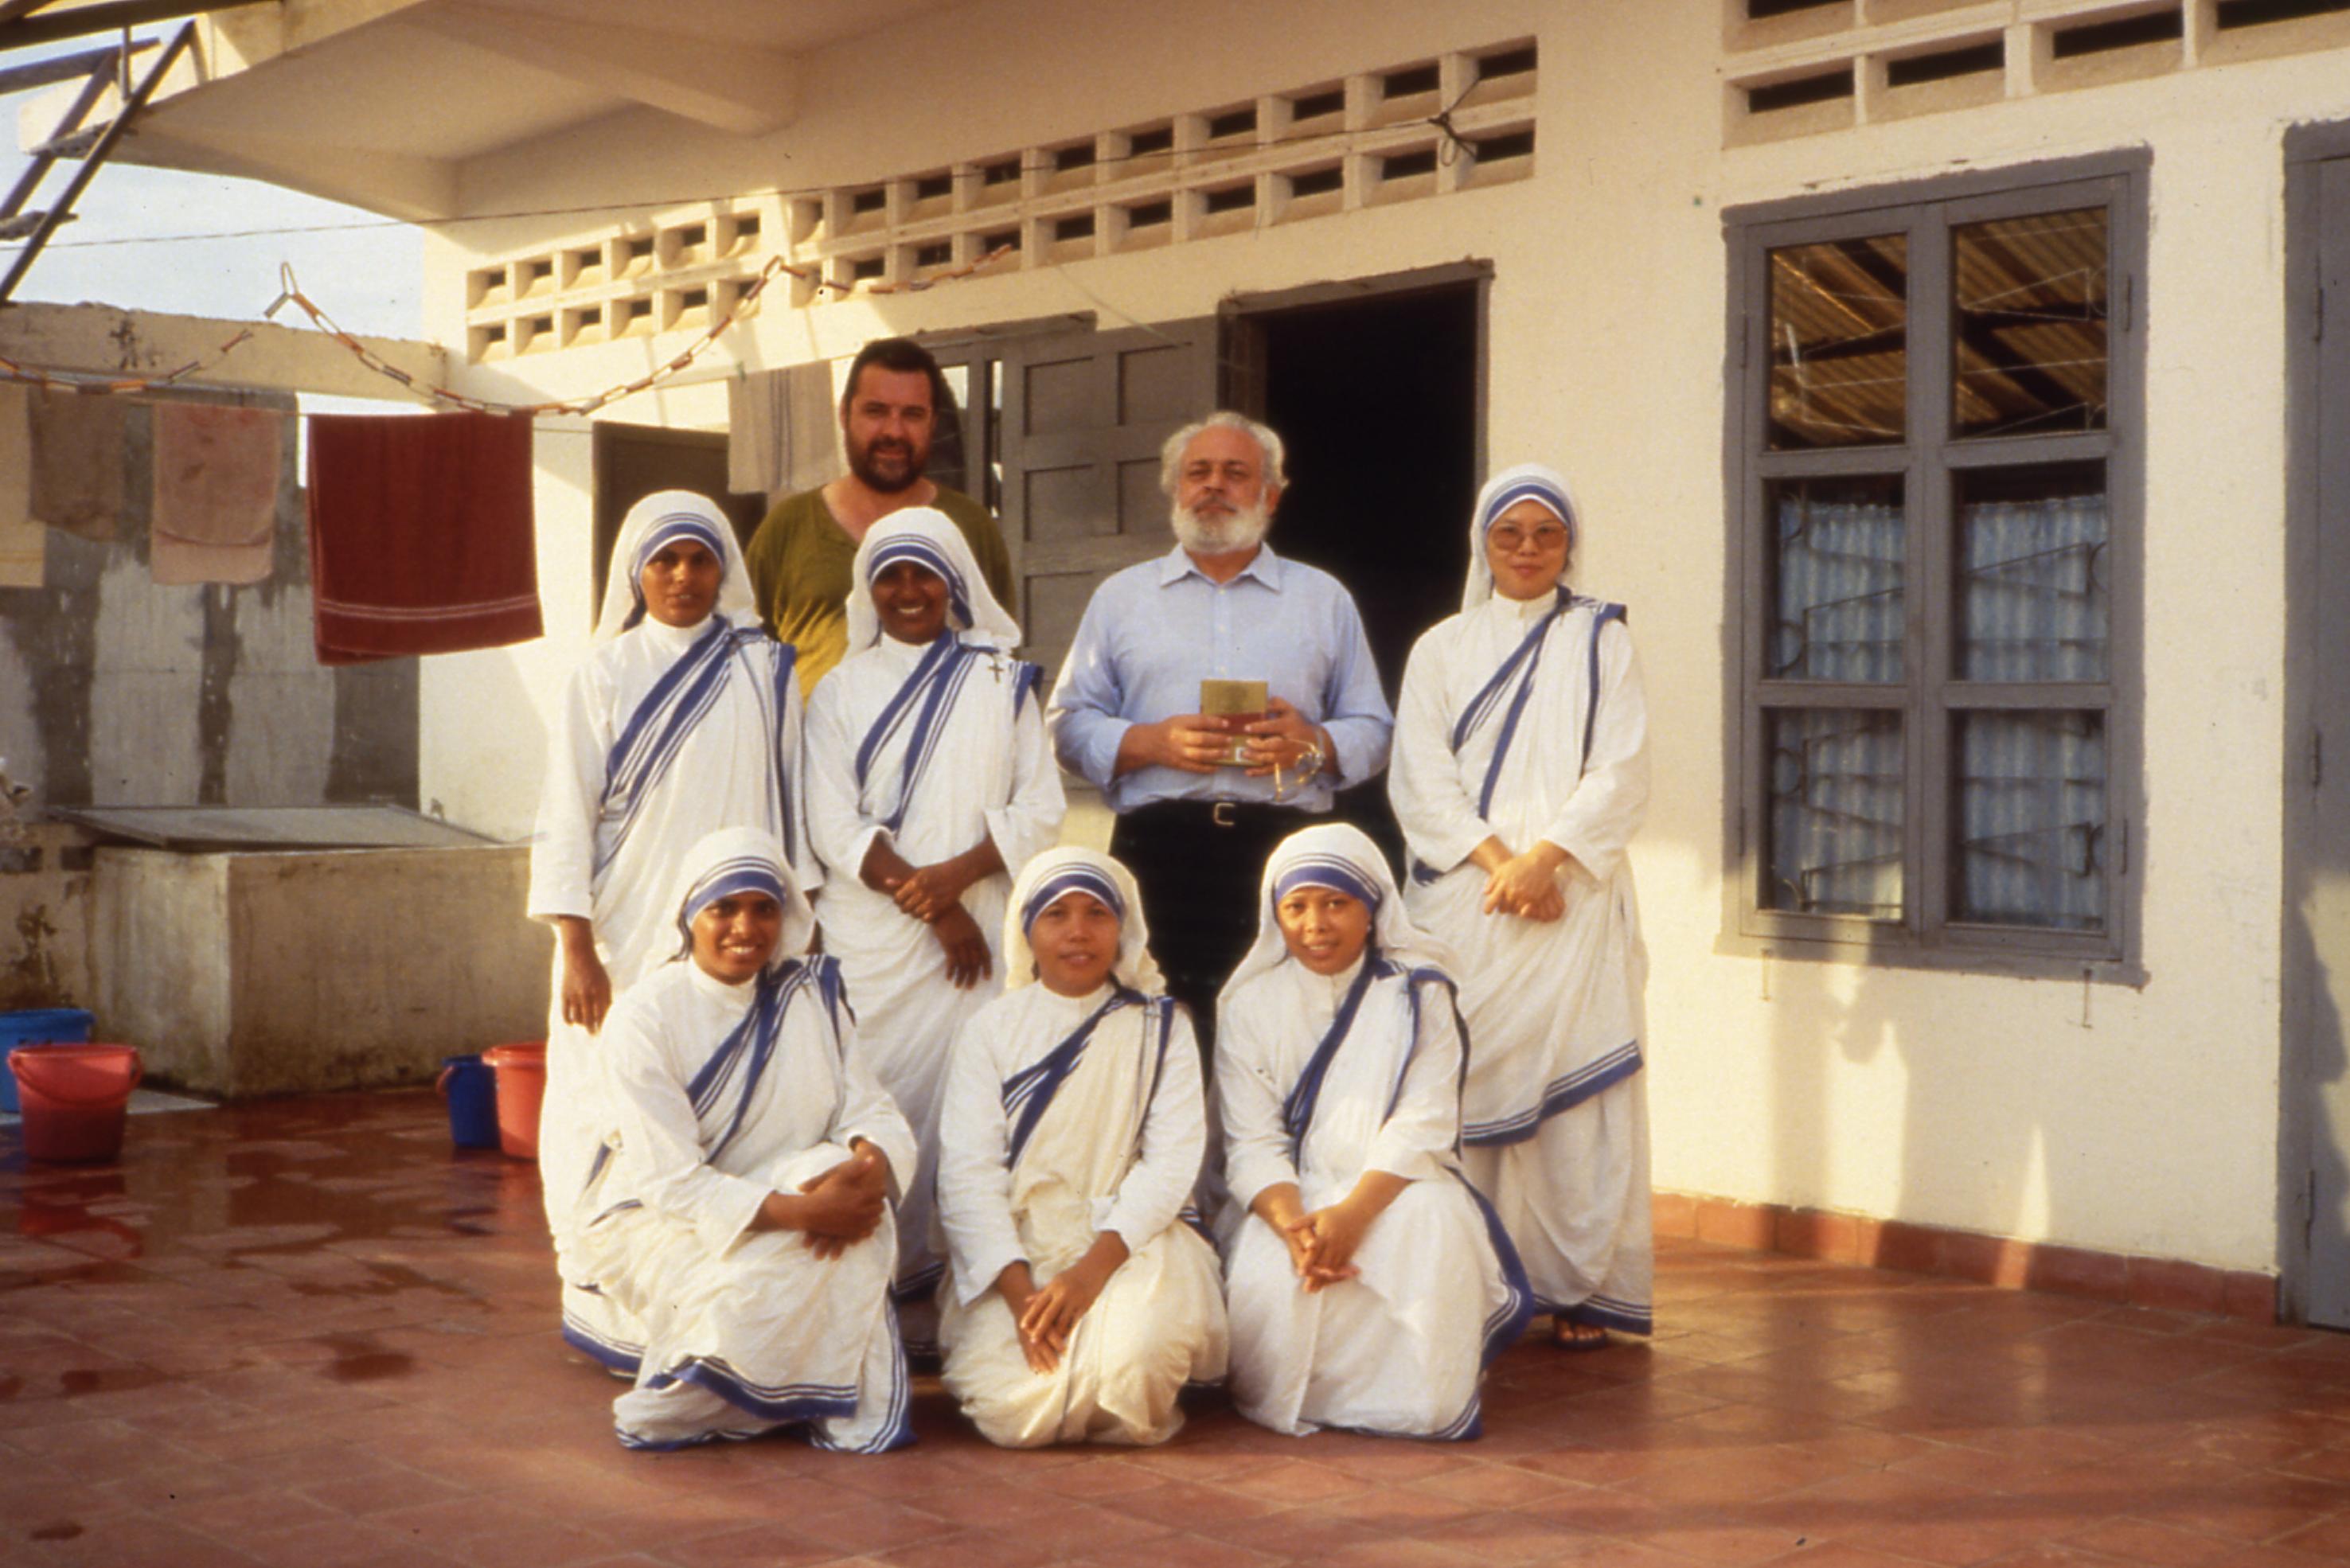 Padre Piero BercrediCambogia 1992Diapositiva